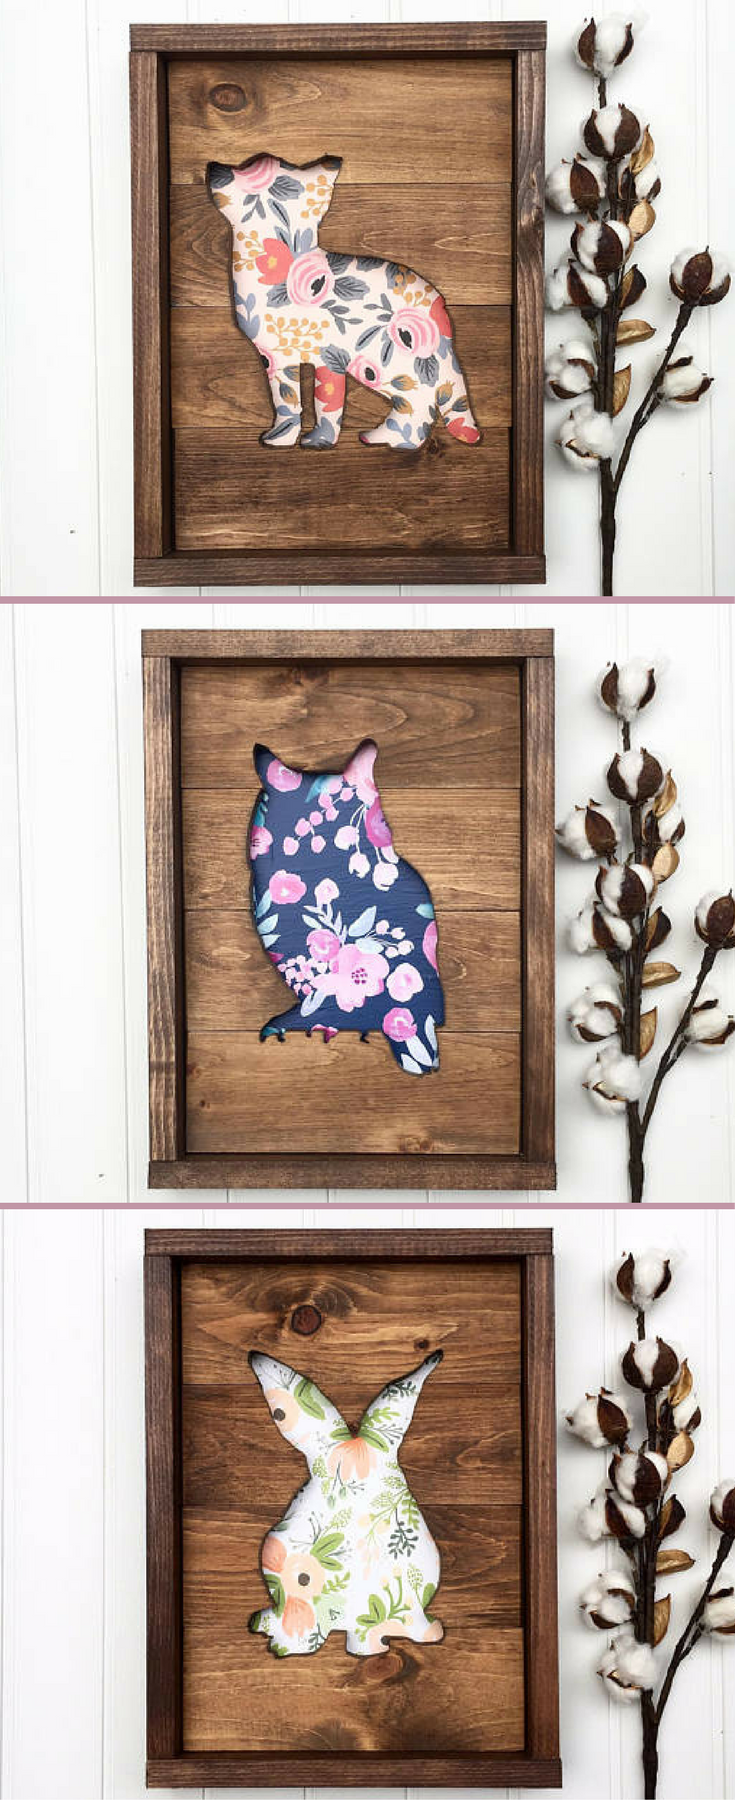 Woodland nursery art, Fox sign, Owl sign, bunny rabbit sign, Nursery wooden decor, Wood sign, home decor, Animal cutout wood, Rustic Nursery decor, Baby shower gift idea, floral nursery sign #ad -   24 nursery decor animals ideas